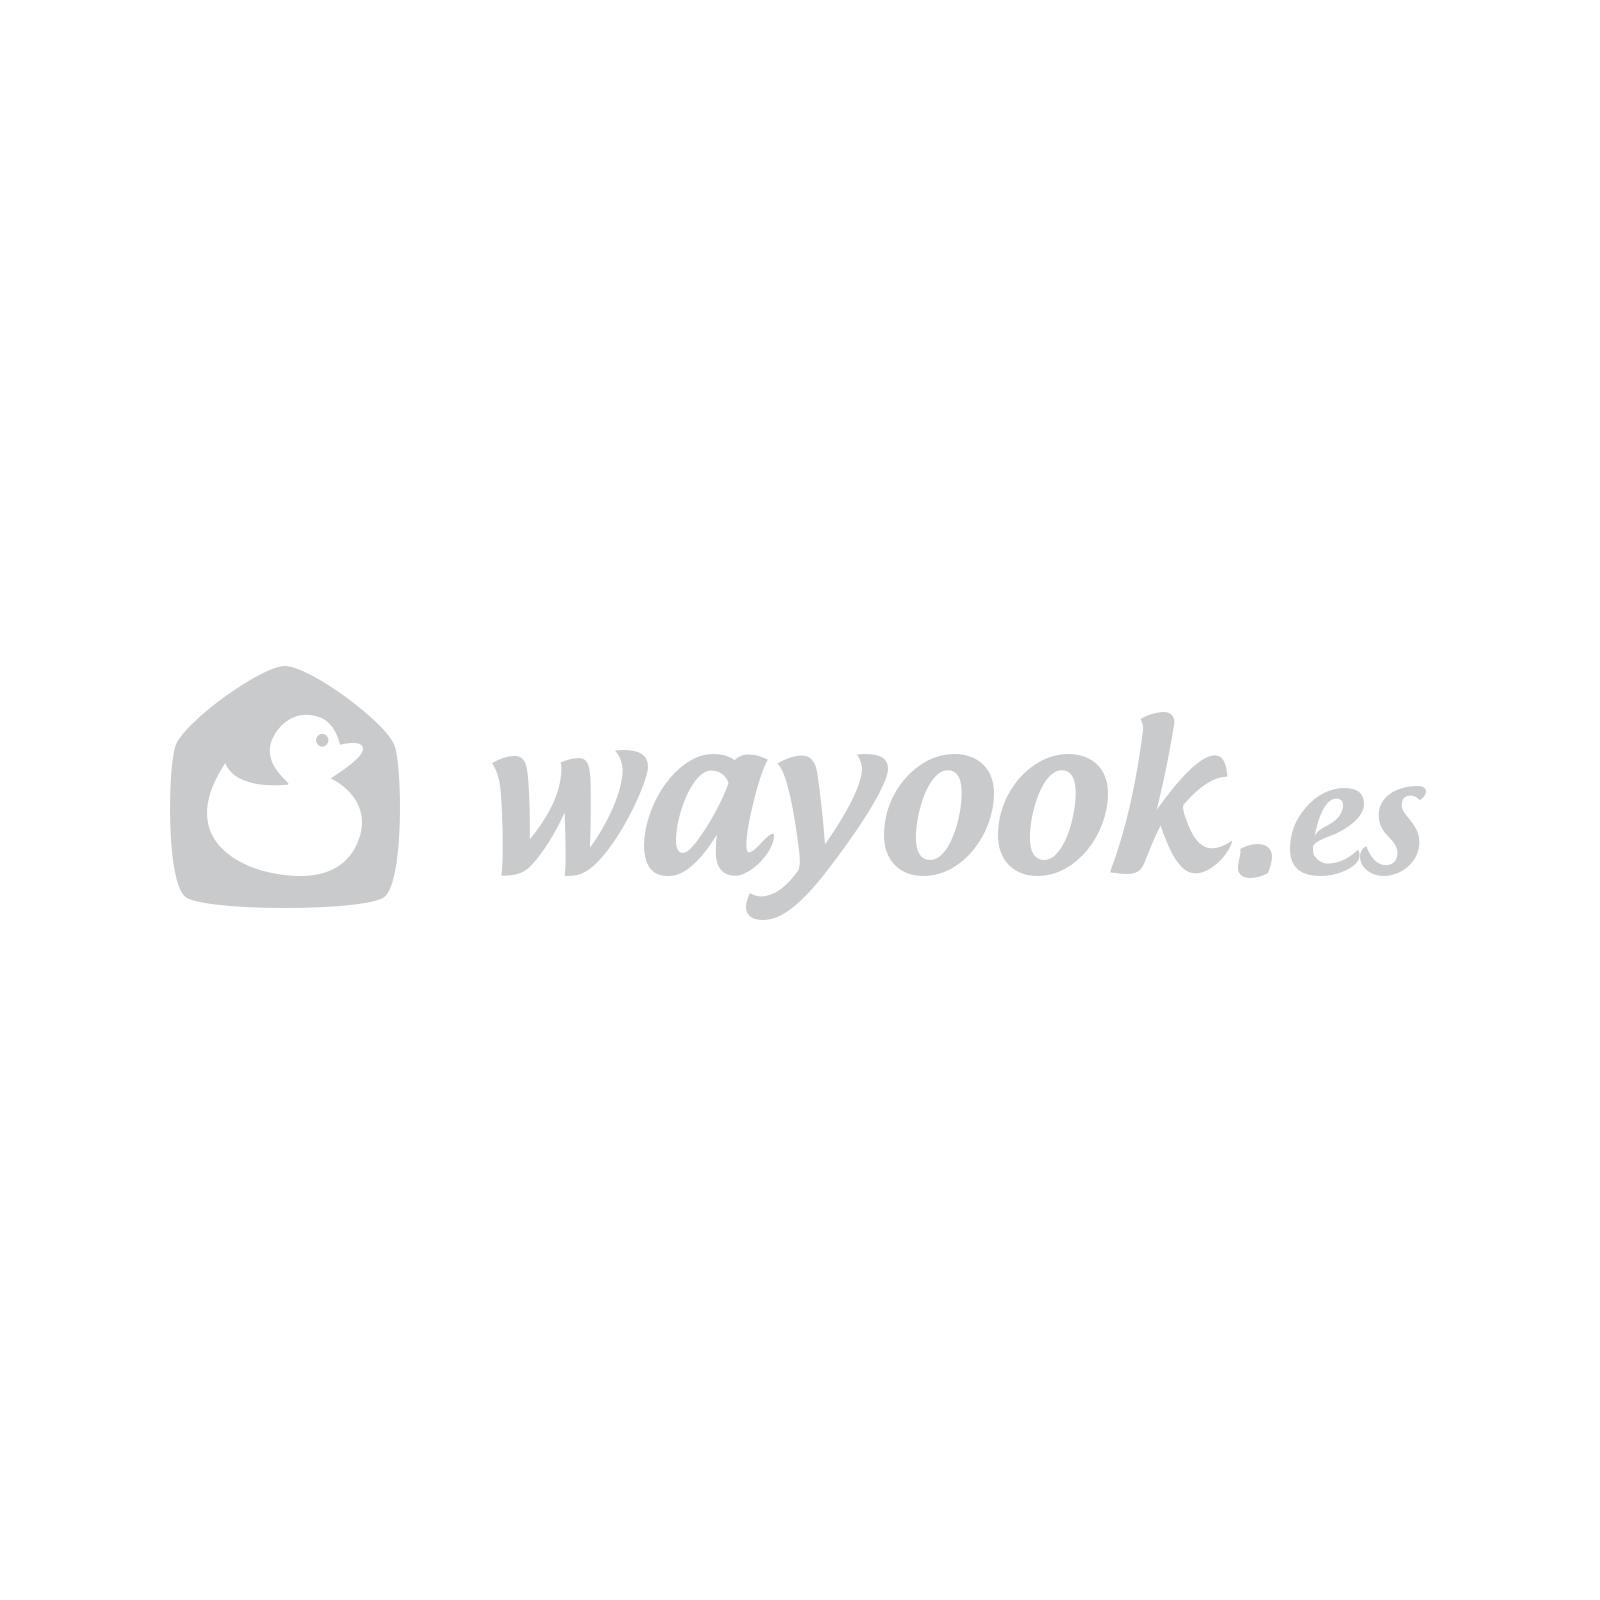 Wayyook Logo